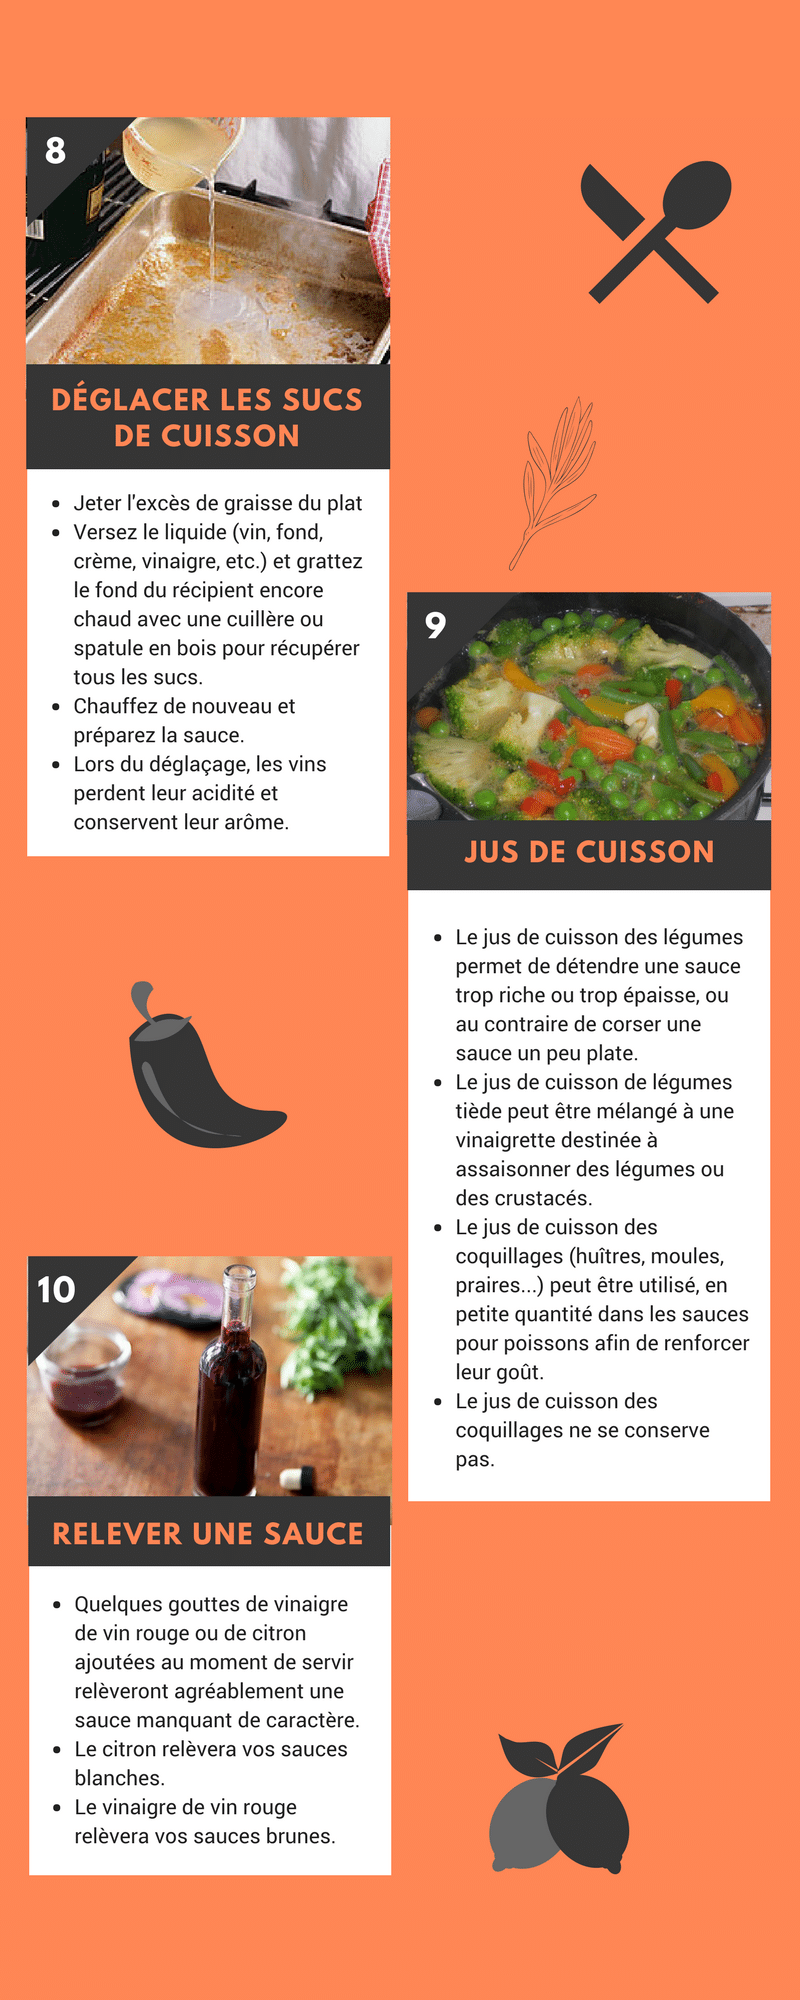 nfographie : 10 trucs et astuces pour réussir vos sauces préférées !